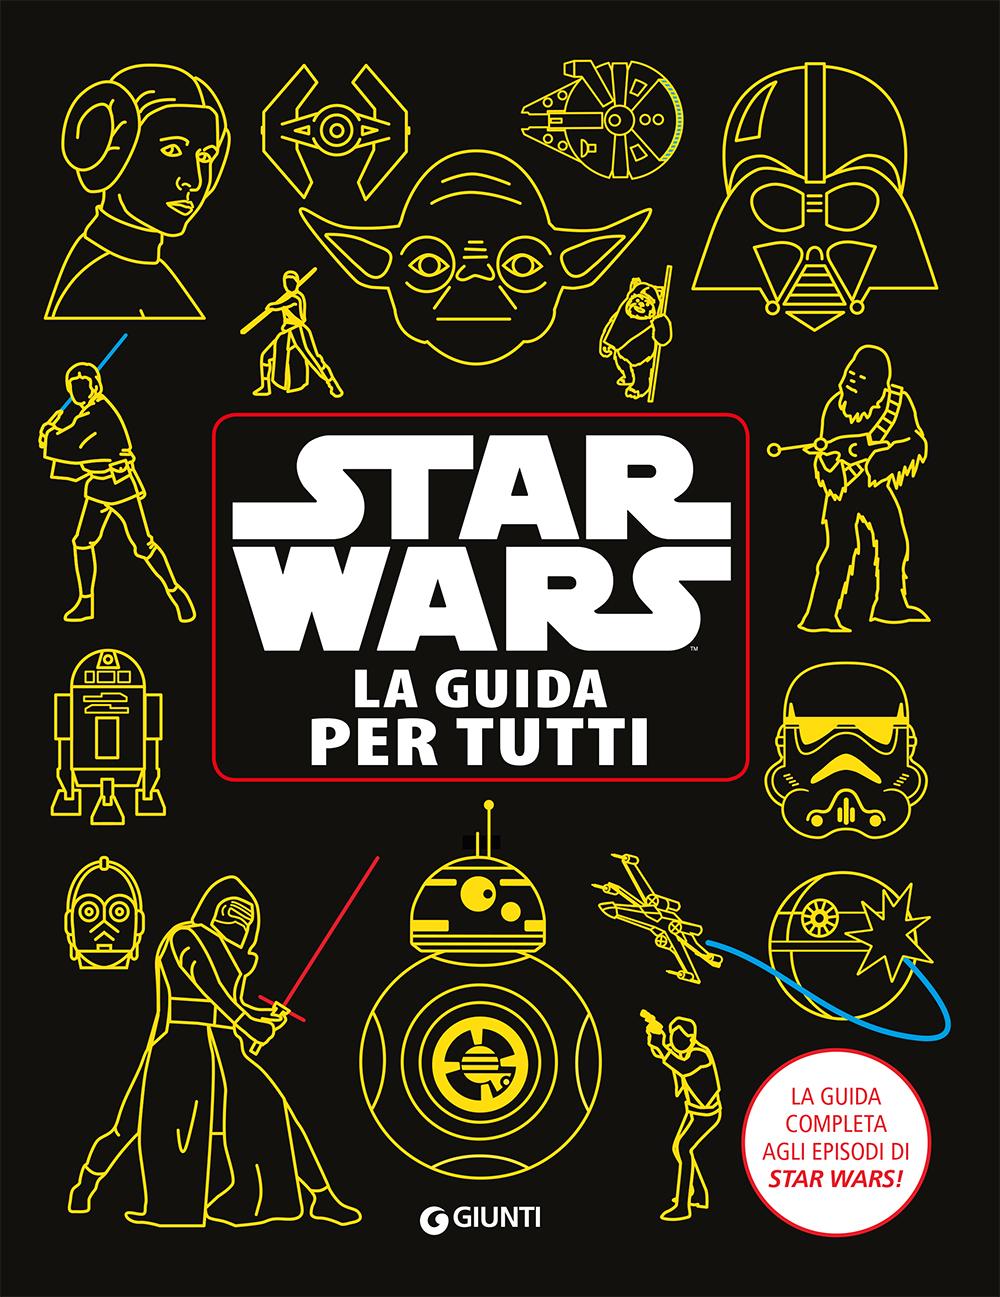 Enciclopedia dei Personaggi - Star Wars. La guida per tutti